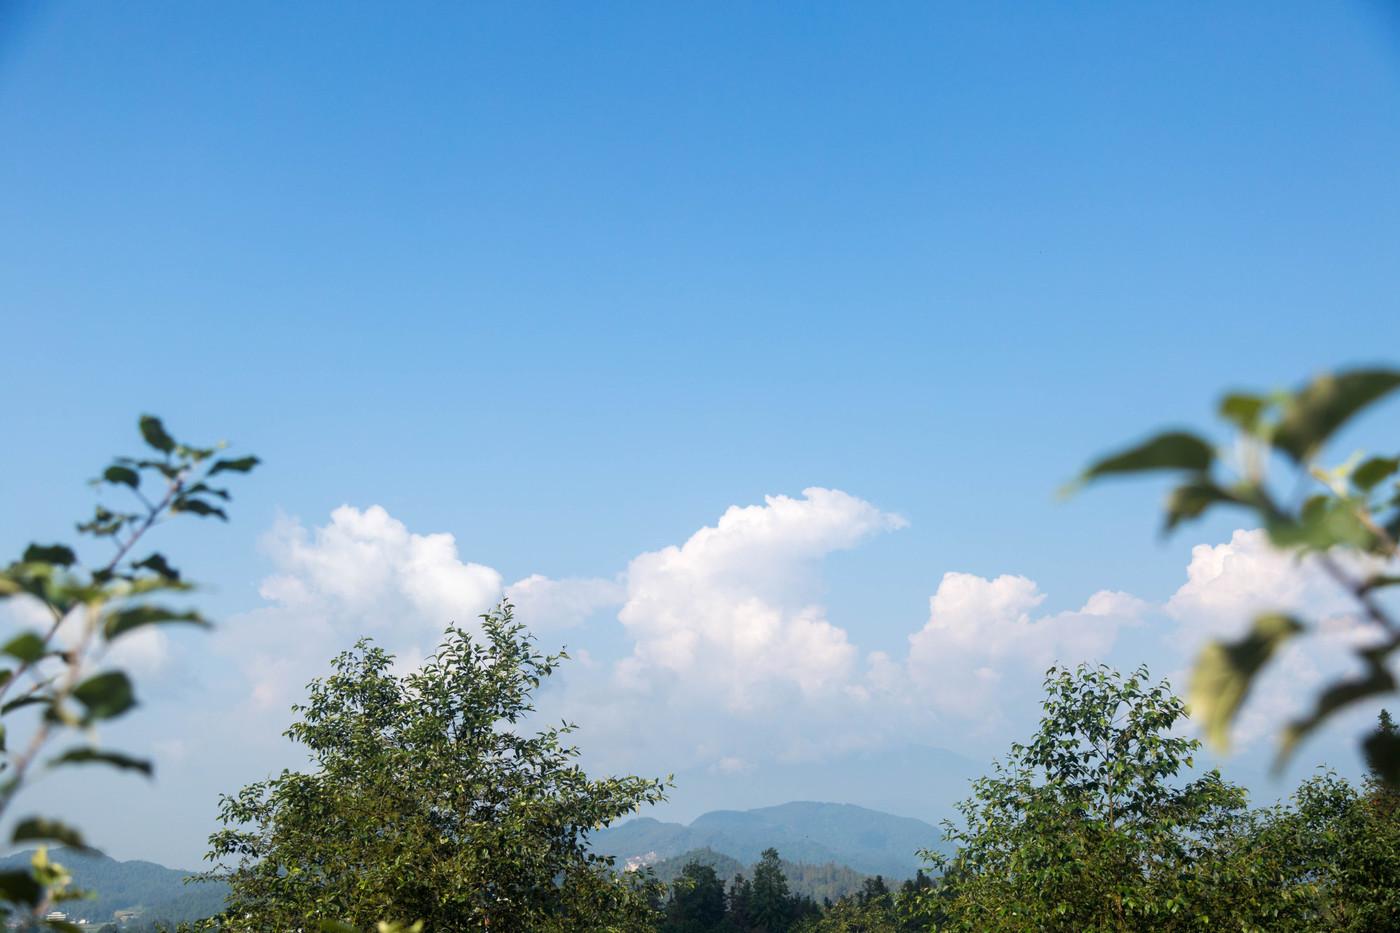 喜马拉雅野奢帐篷酒店—云南腾冲高黎贡山茶博园13